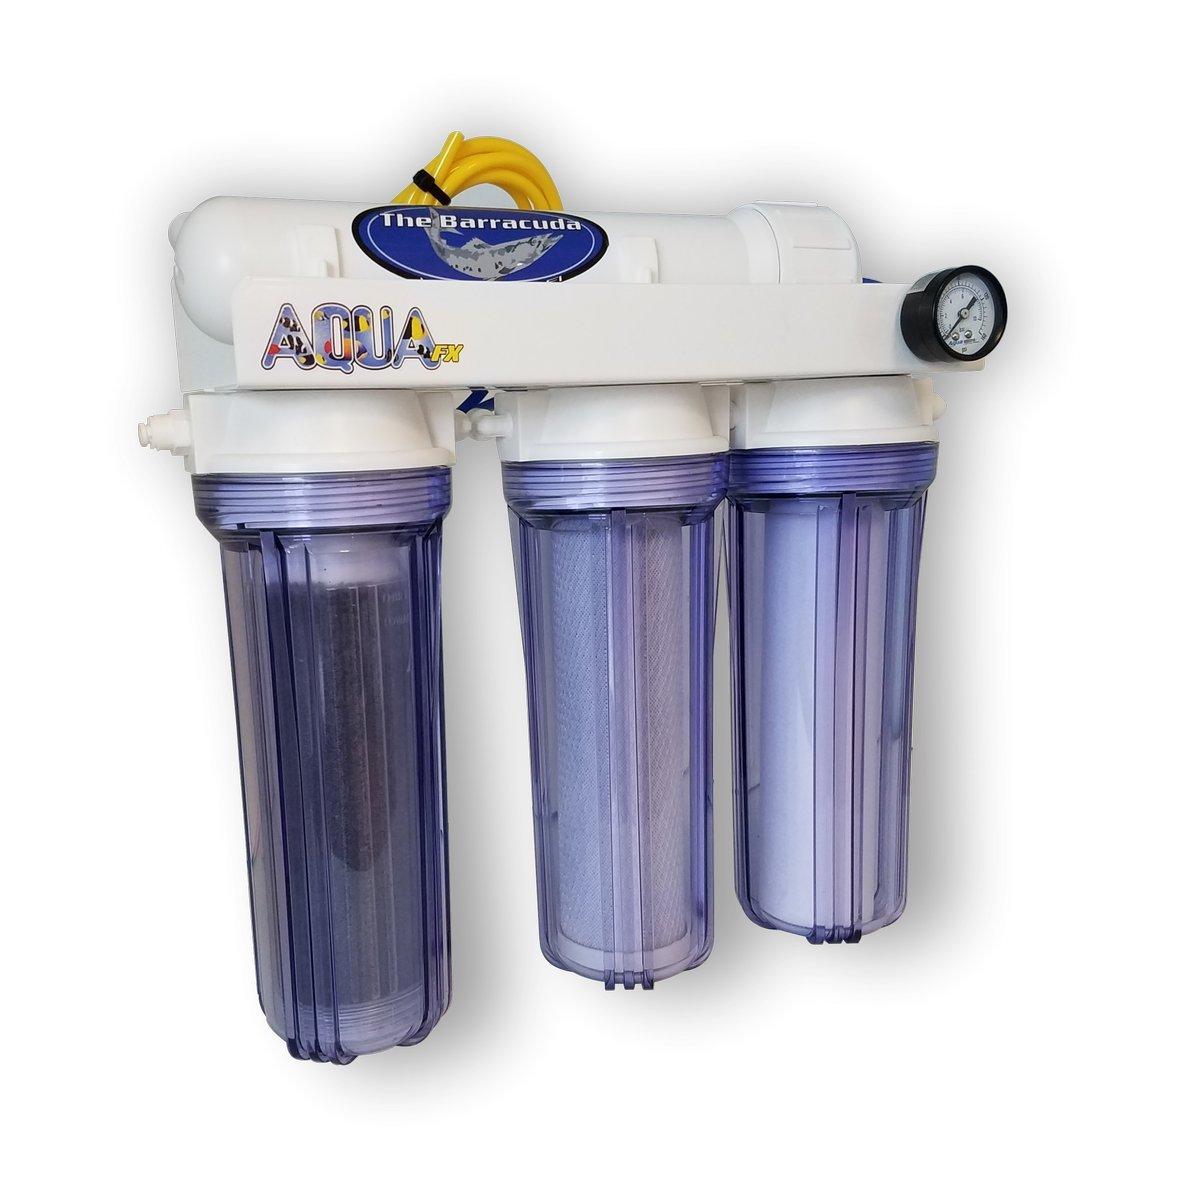 AquaFX Barracuda RO/DI Aquarium Filter, 100 GPD by AquaFX B0043FYJ8M